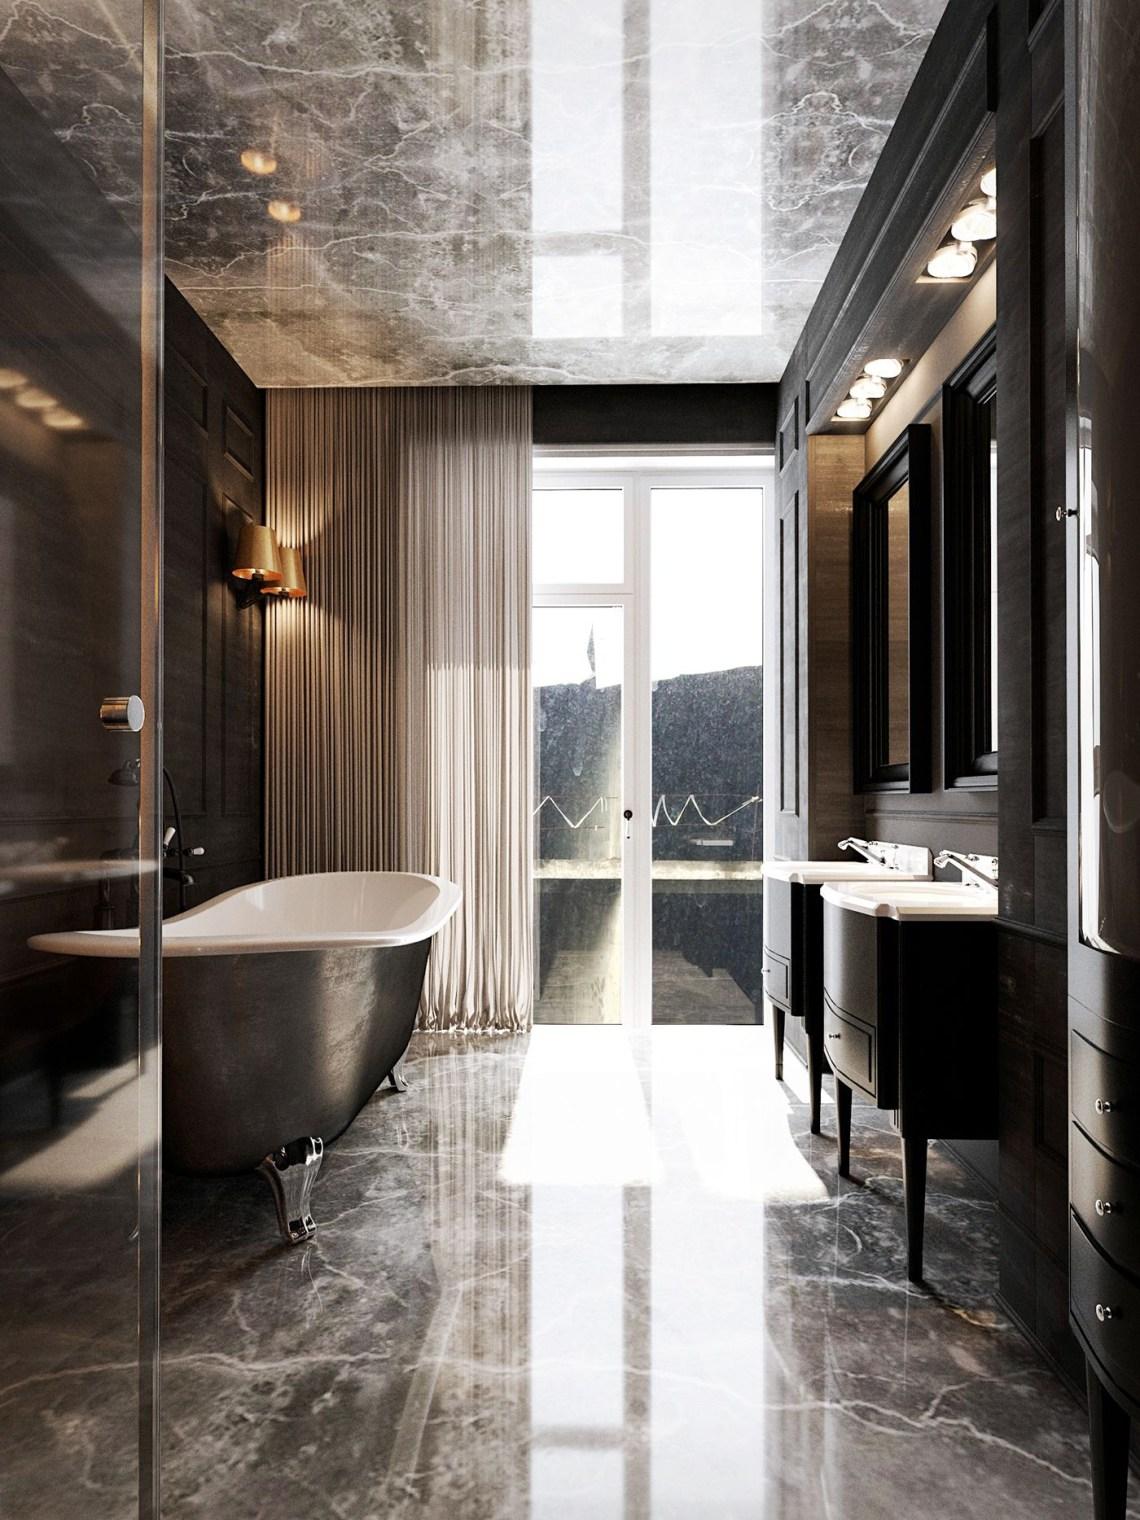 5 On Behance Spa Bathroom Design Minimalist Bathroom